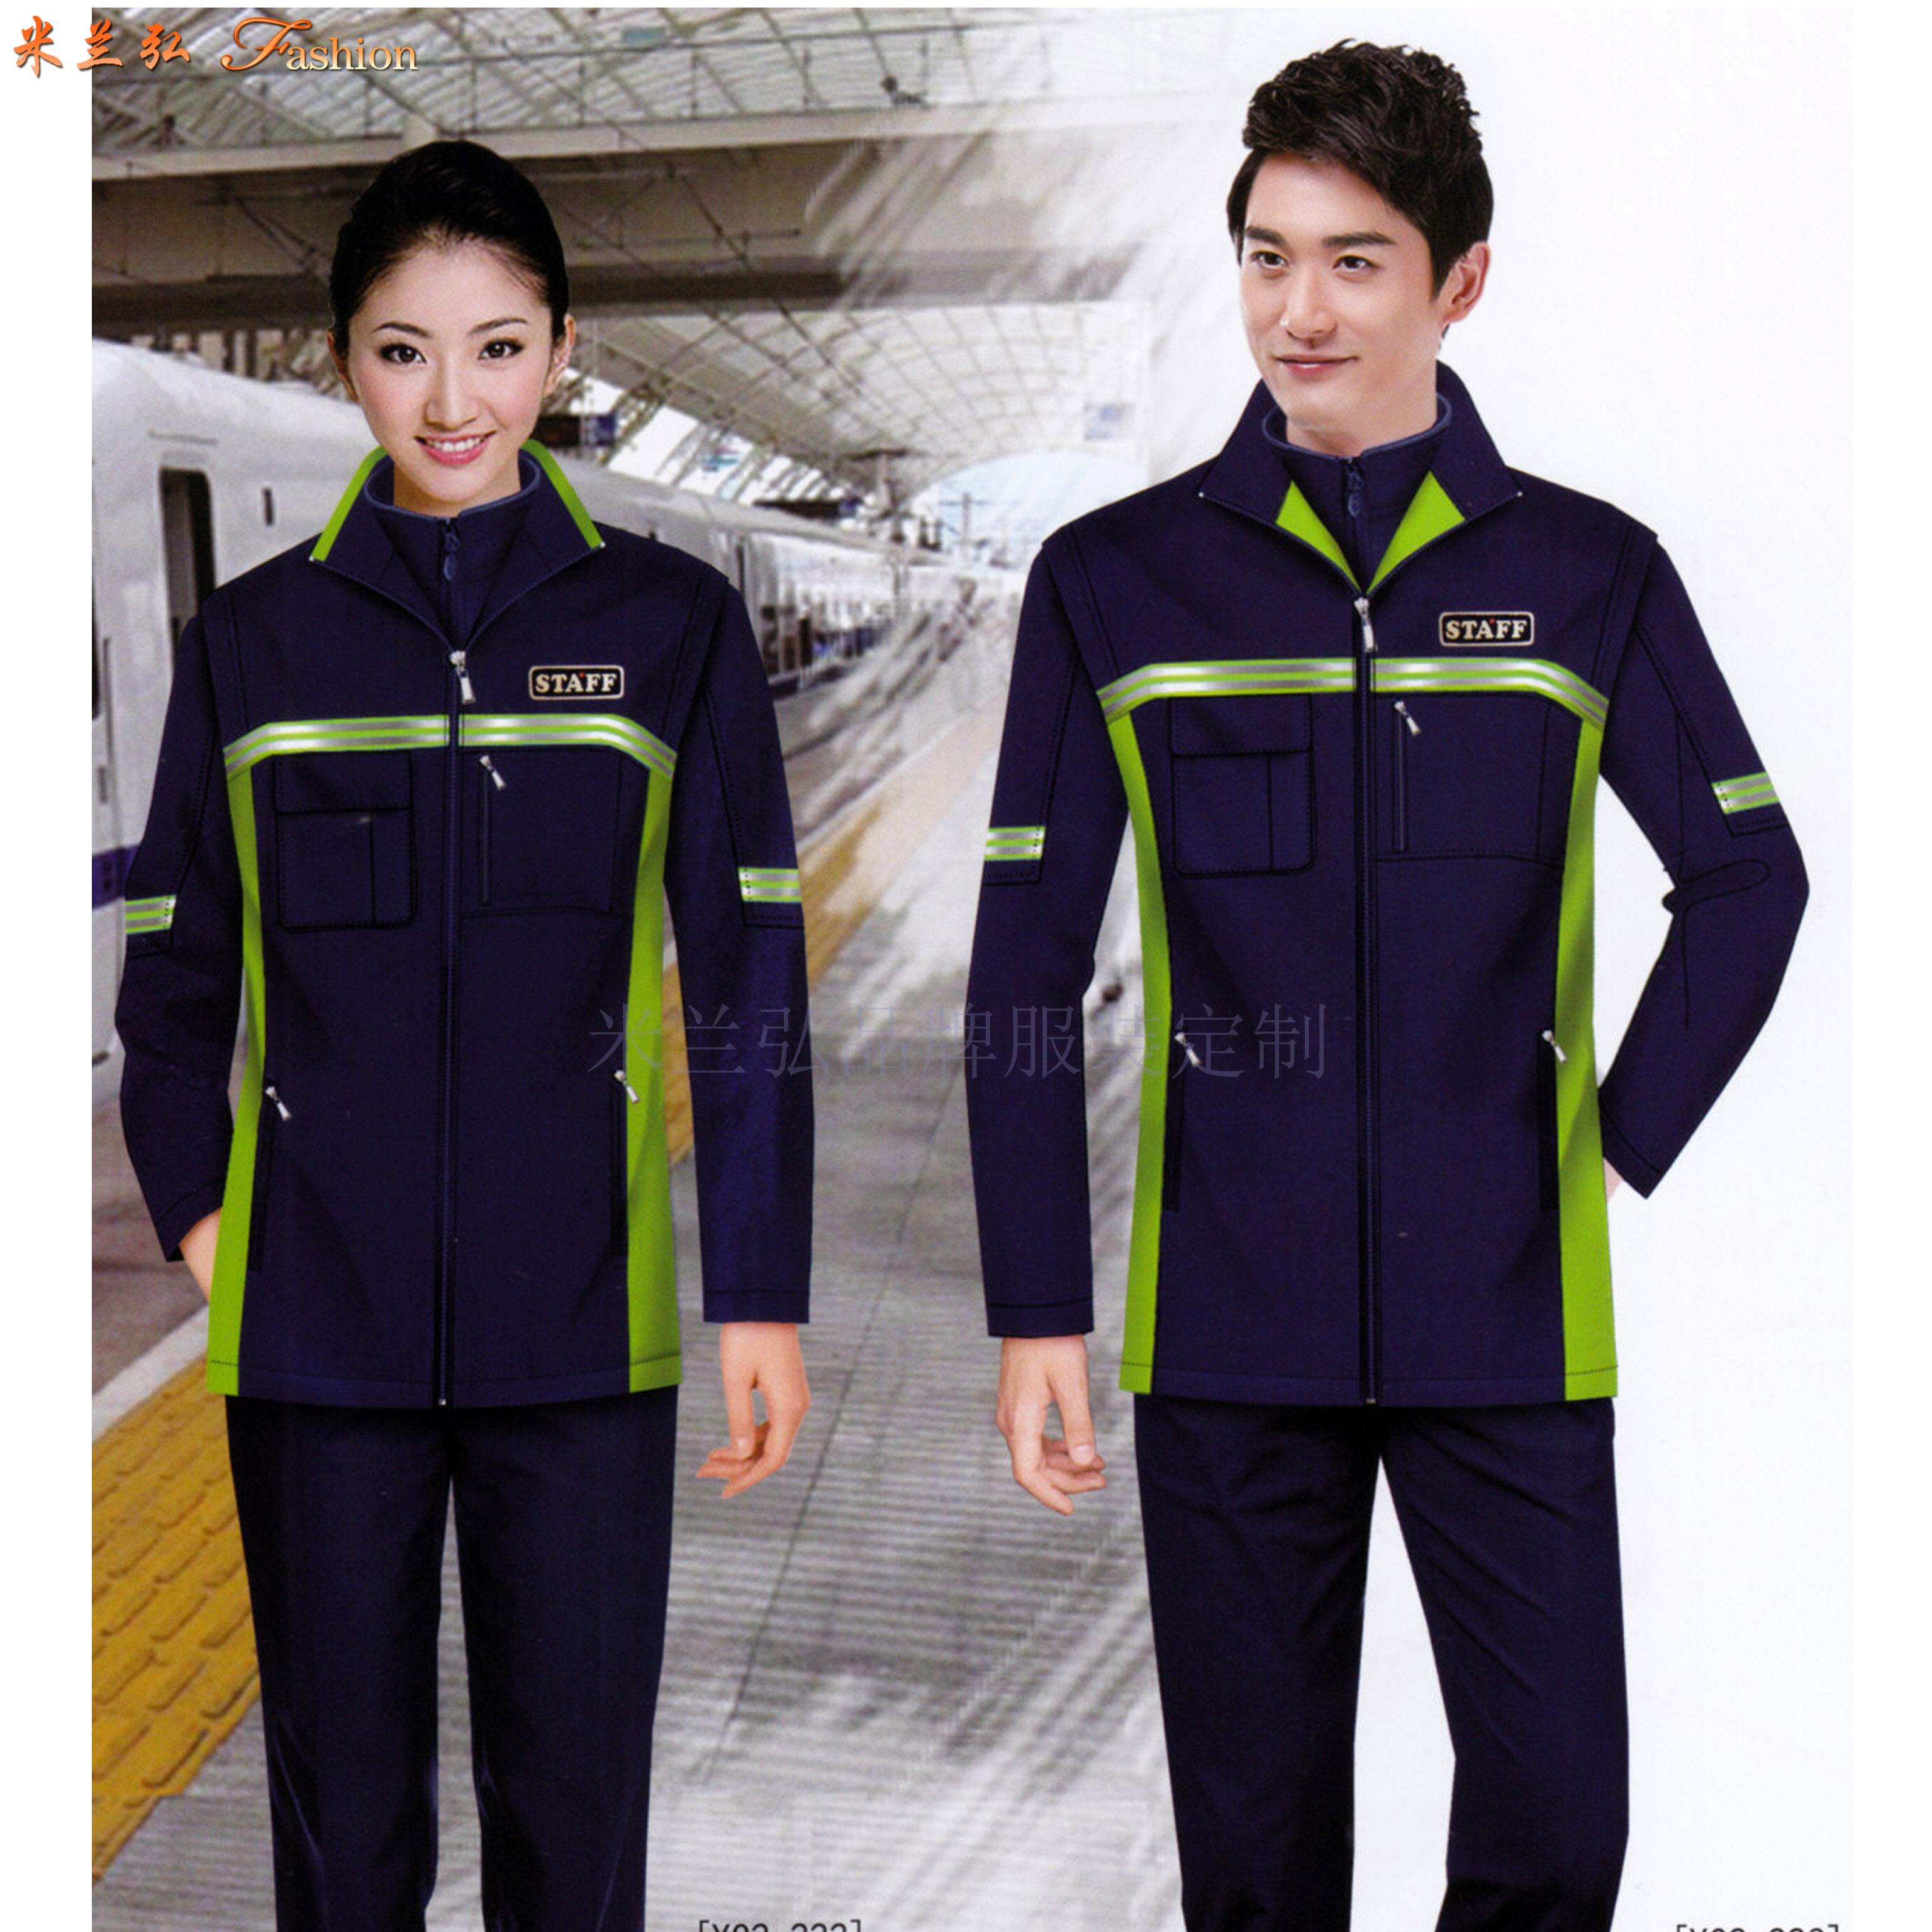 汽車站工作服-量身定做工作服廠家-米蘭弘服裝-1